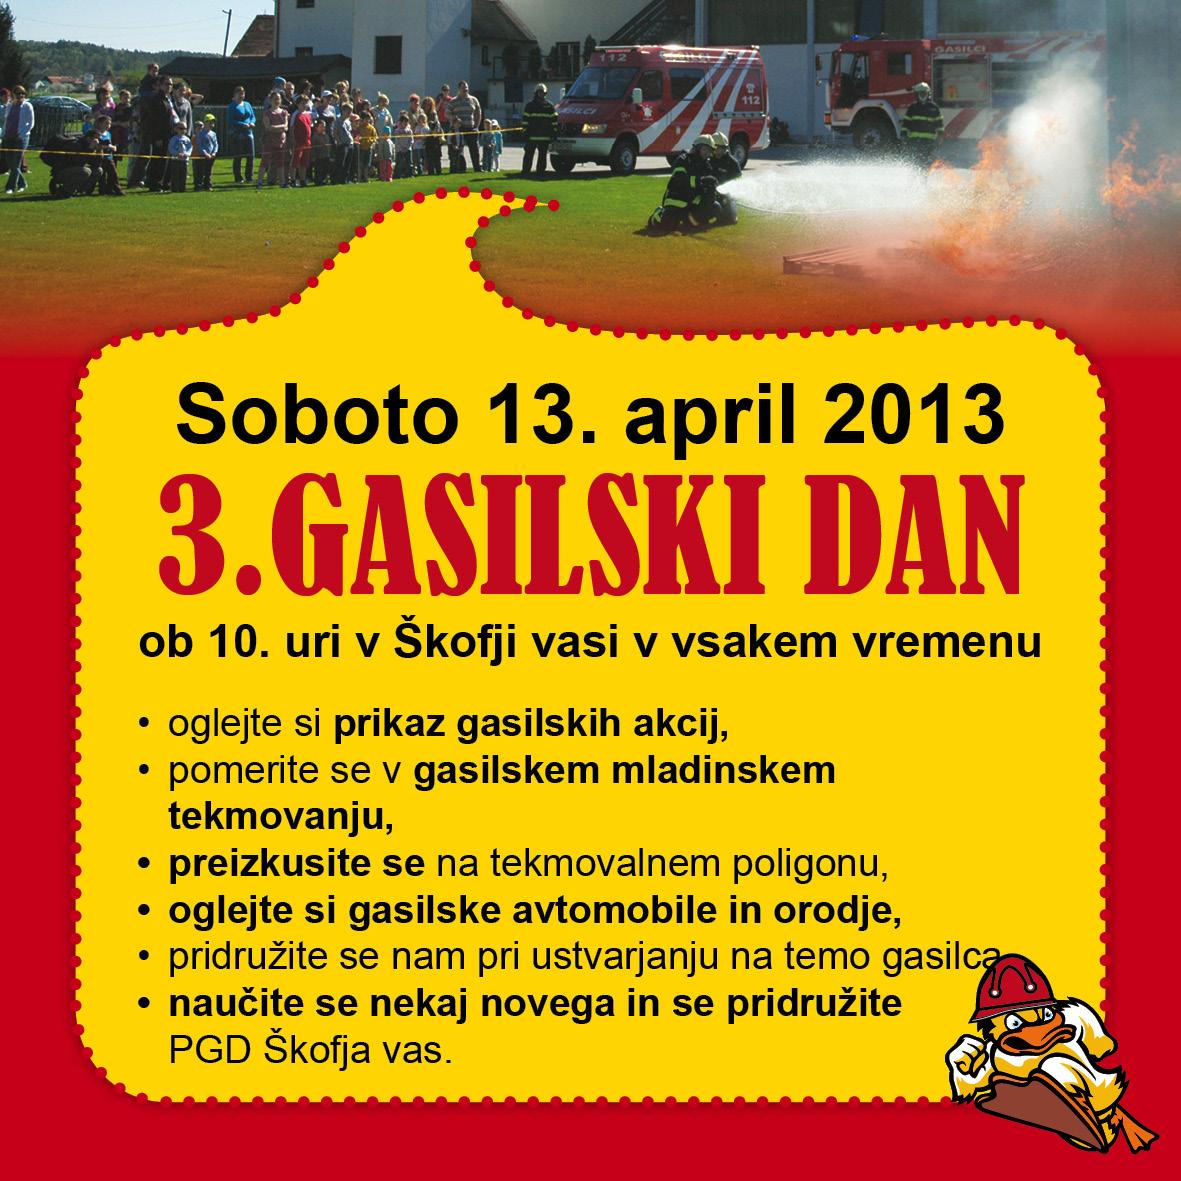 Gasilski_dan_FB_1_2013